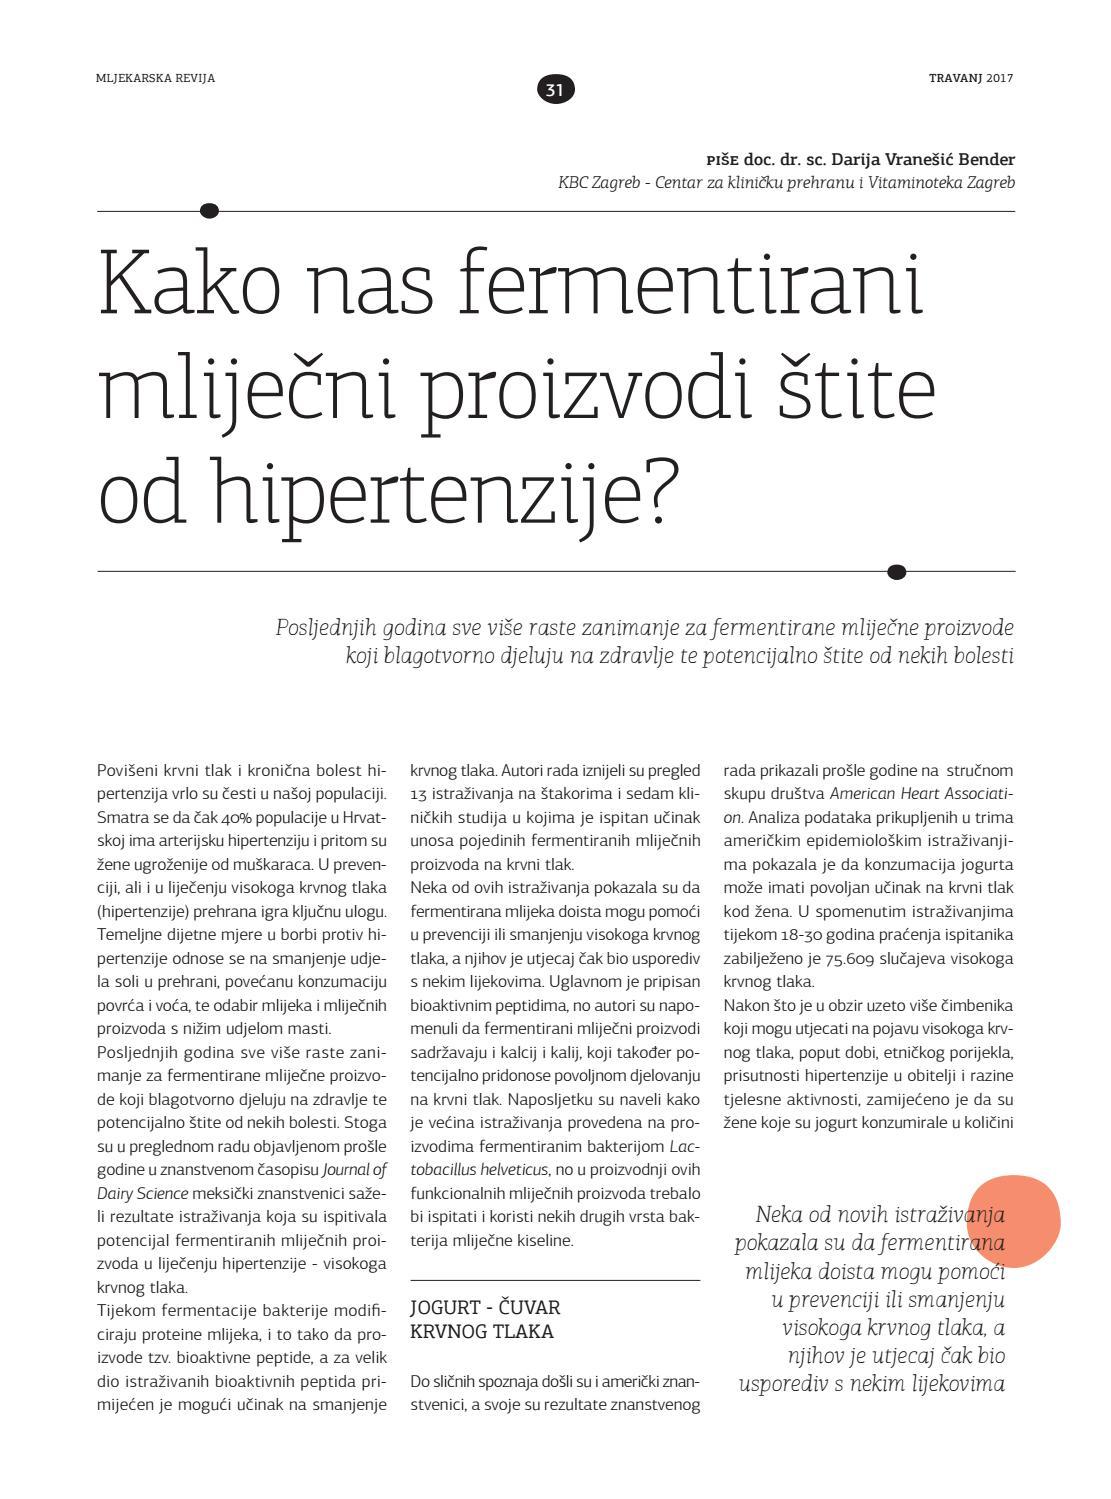 sa peptidom u liječenju hipertenzije)